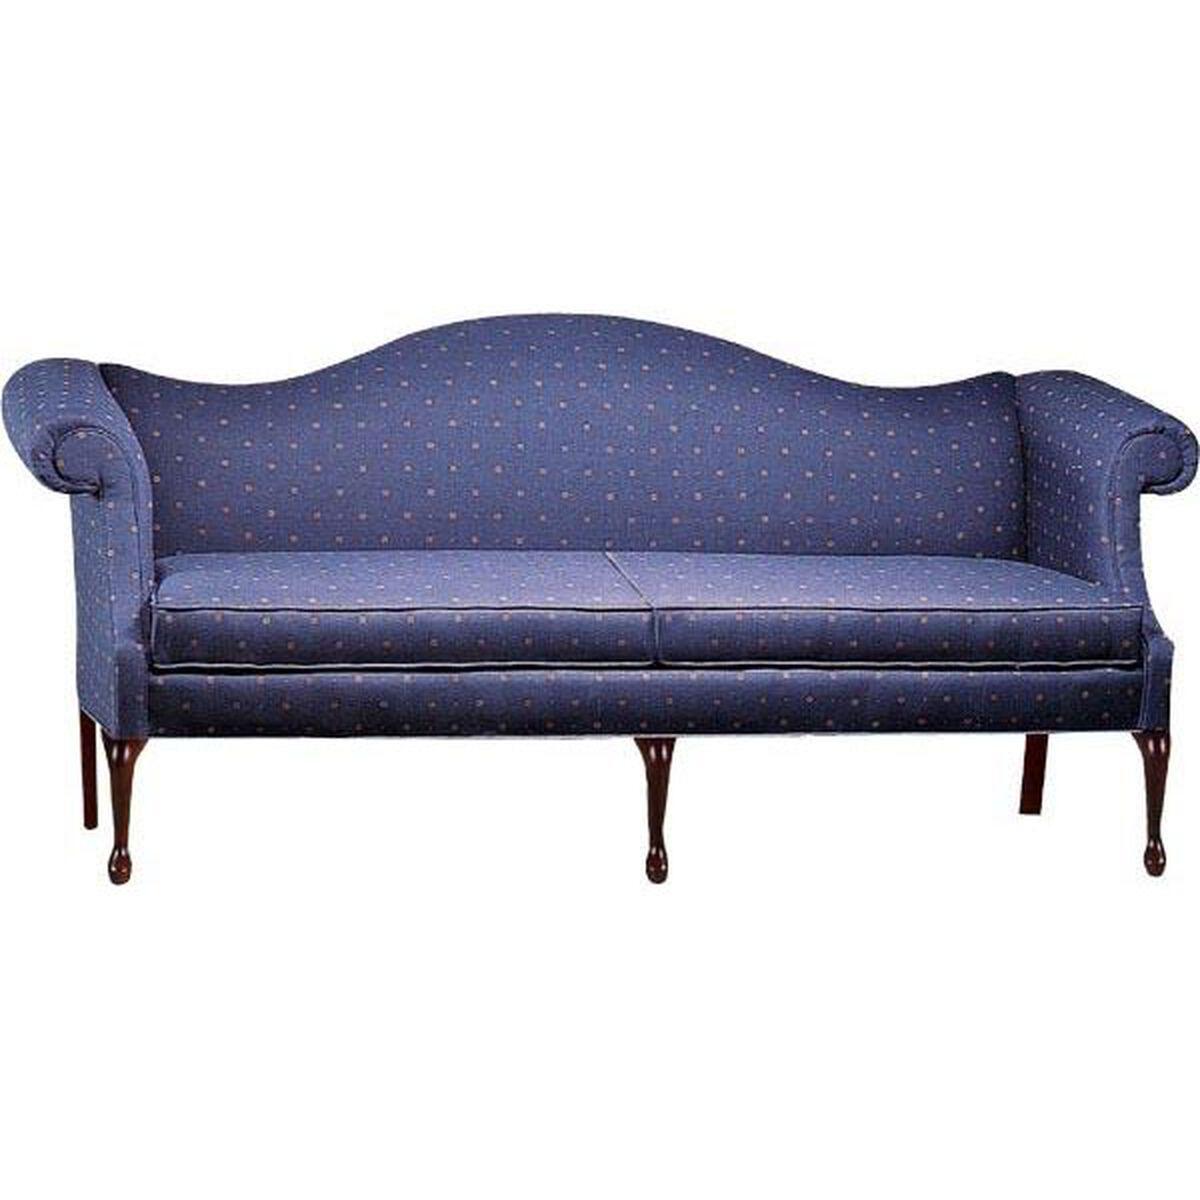 Ac Furniture 14200 Acf 14200 Grade1